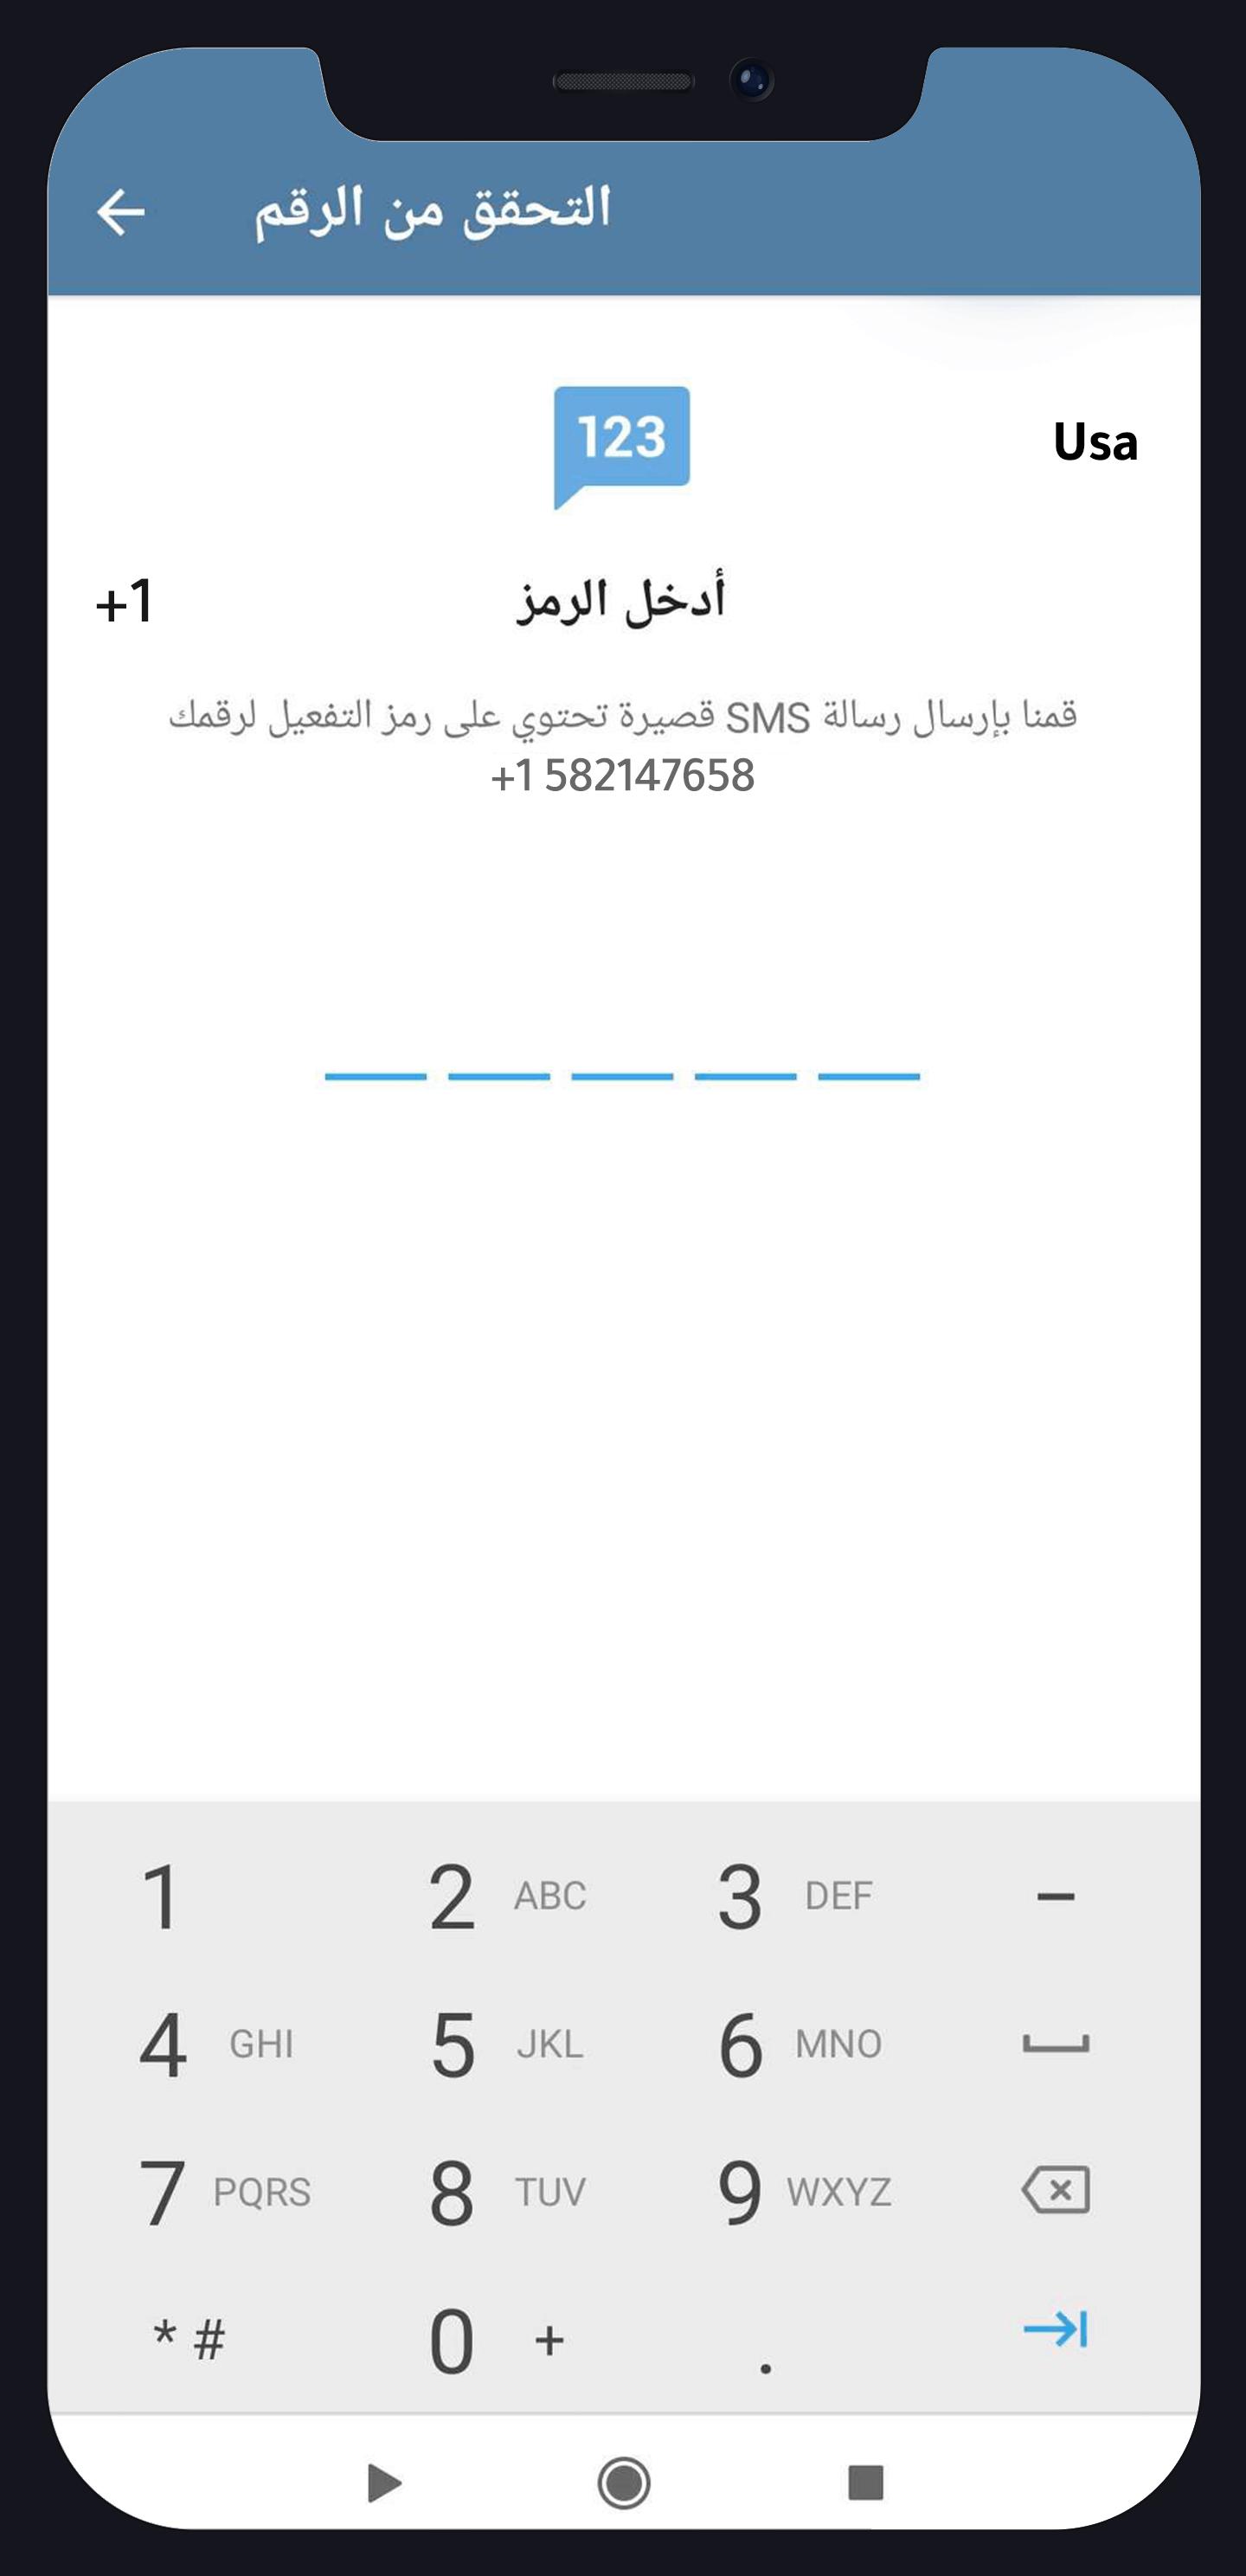 انشاء حساب تلغرام بدون رقم 2